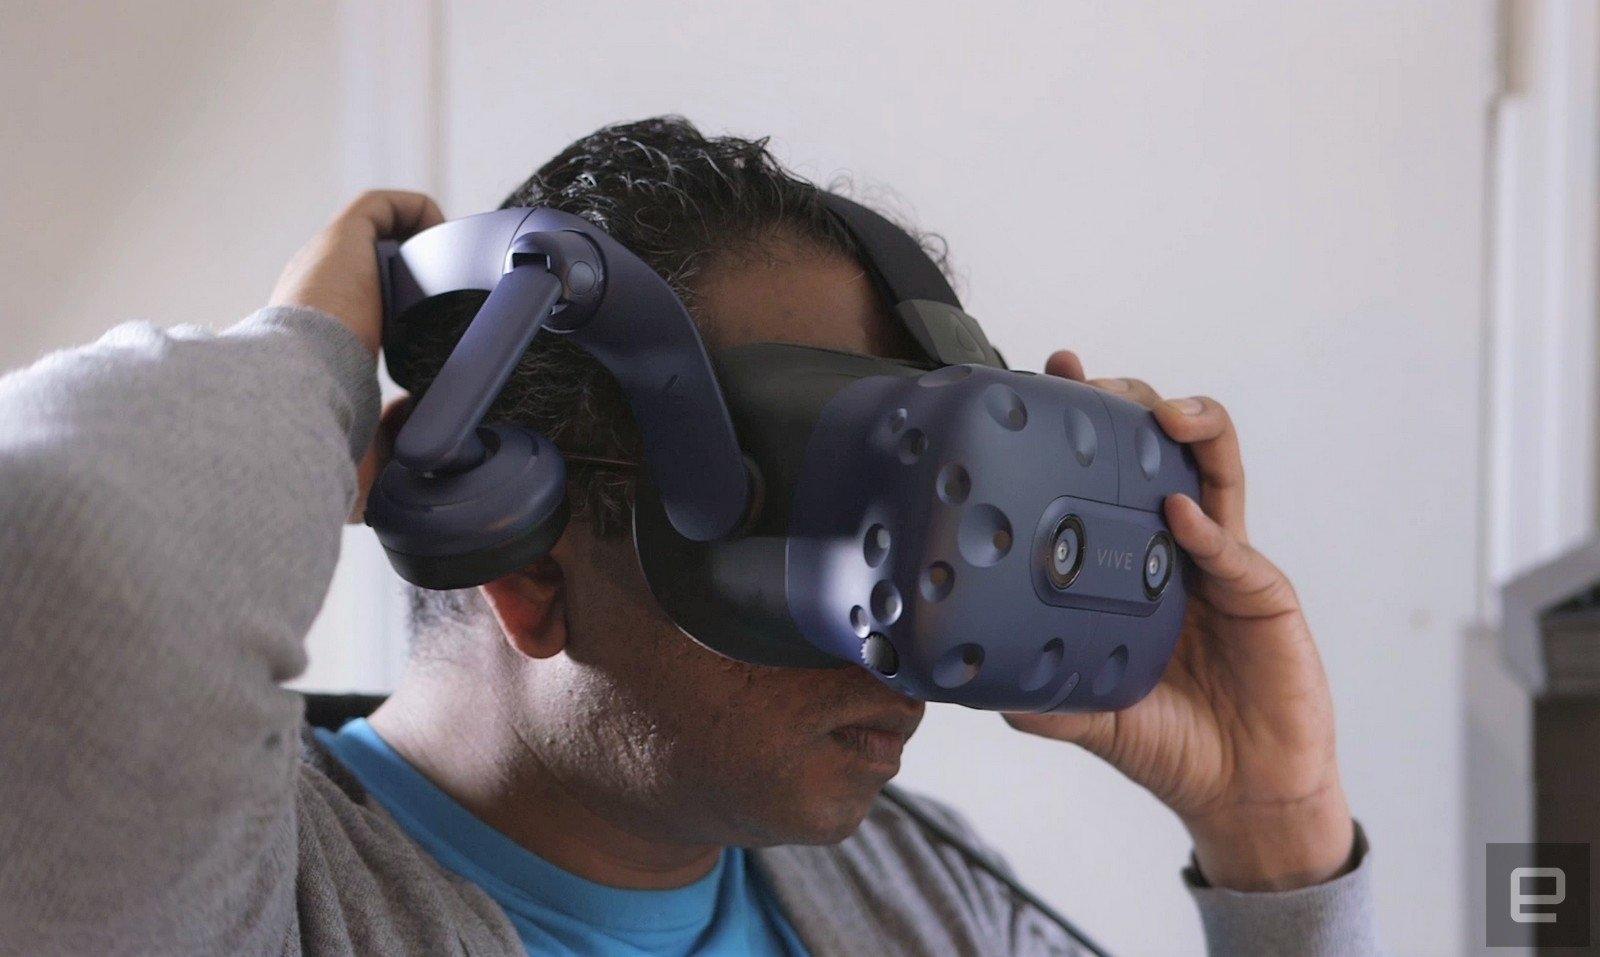 HTC秘密研发跨空间VR技术?专家:仅是前瞻性探索